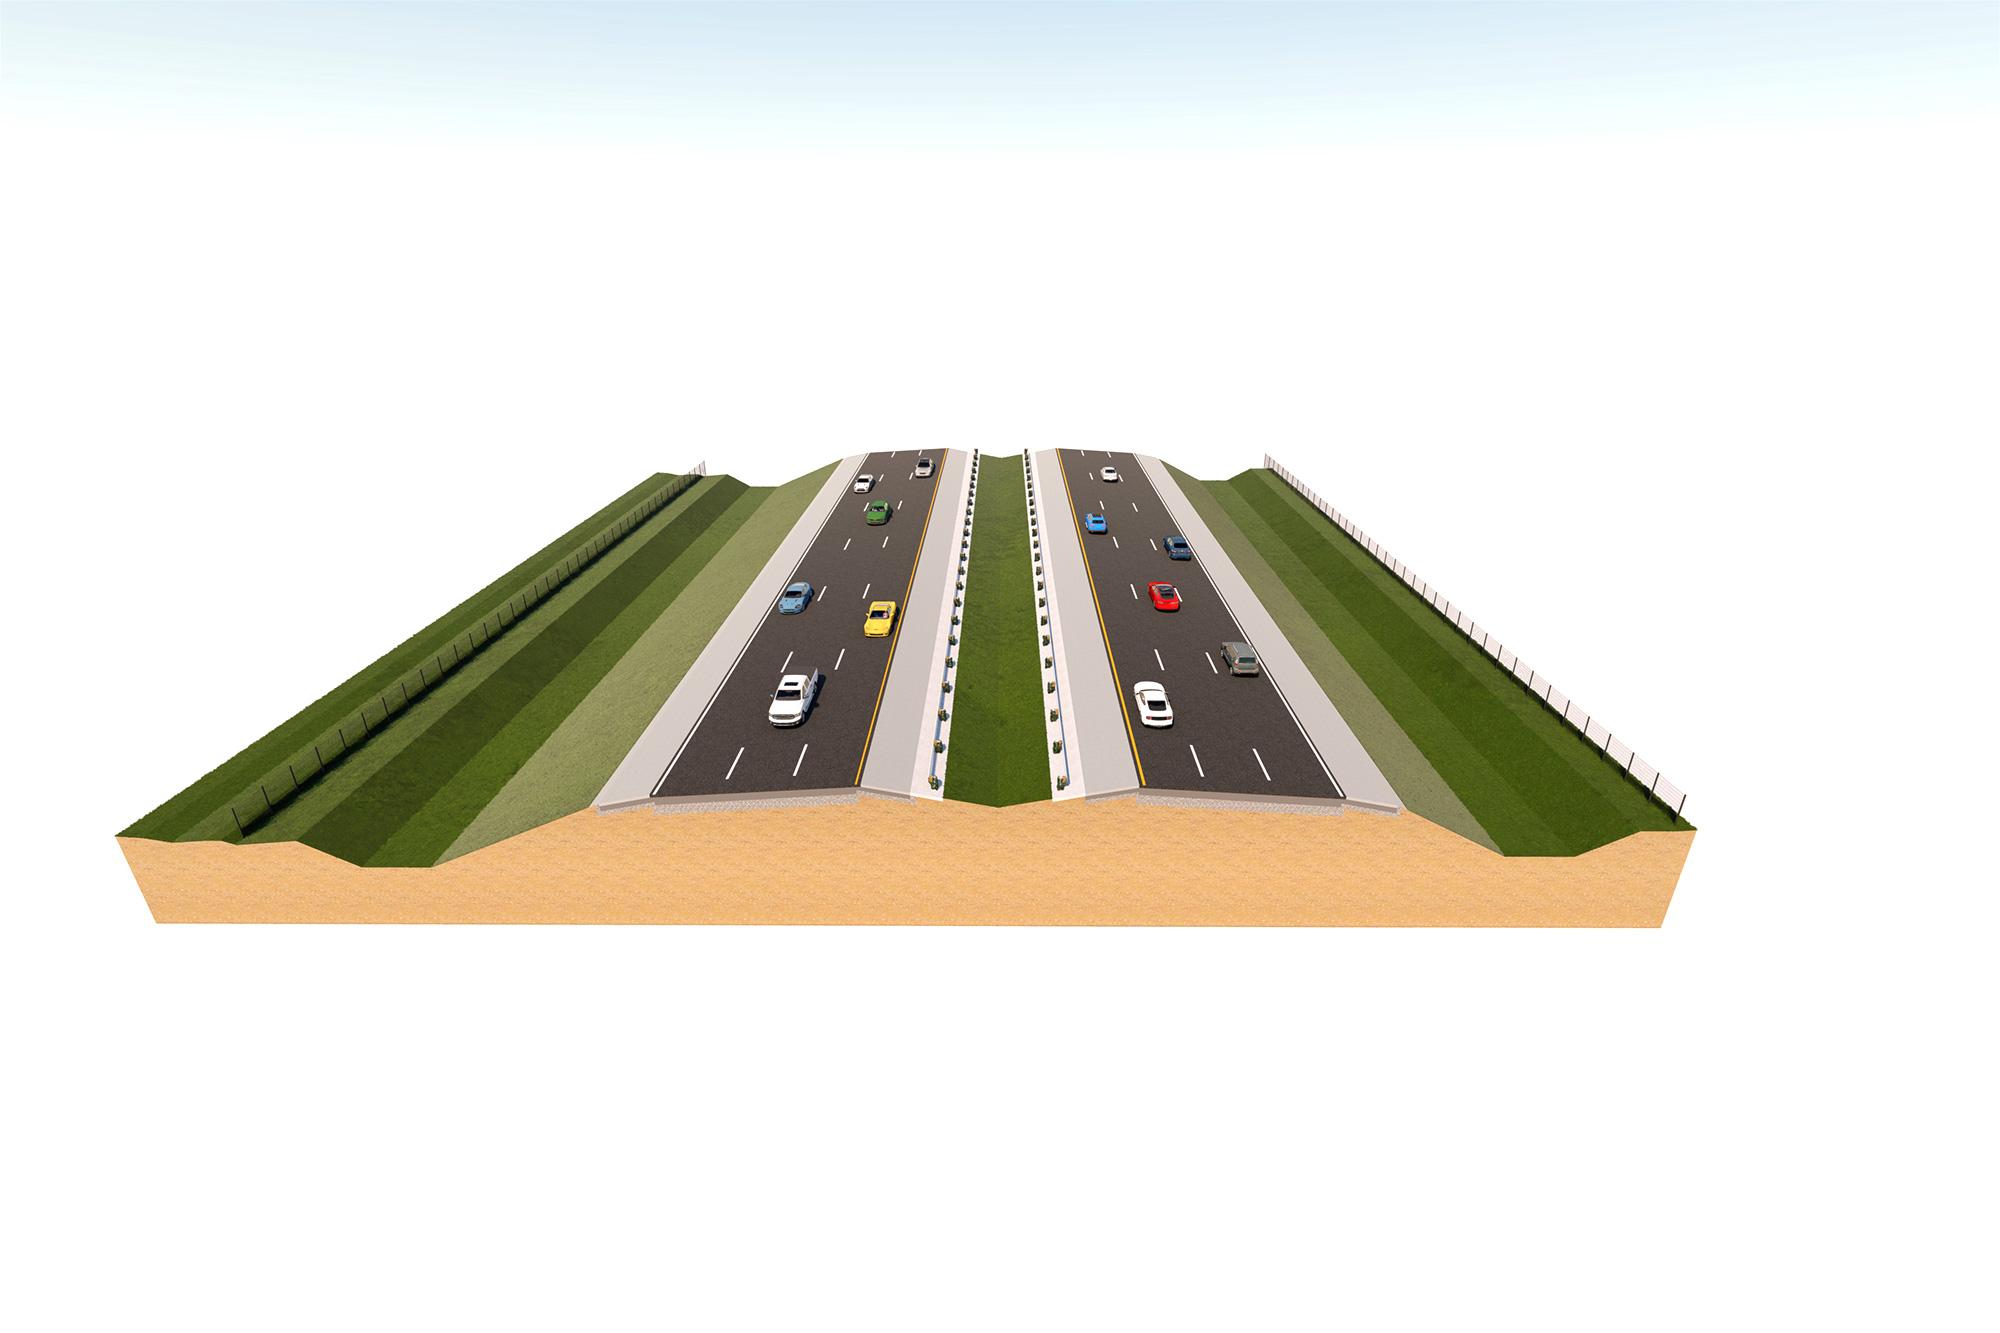 SR 528 Roadway Widening